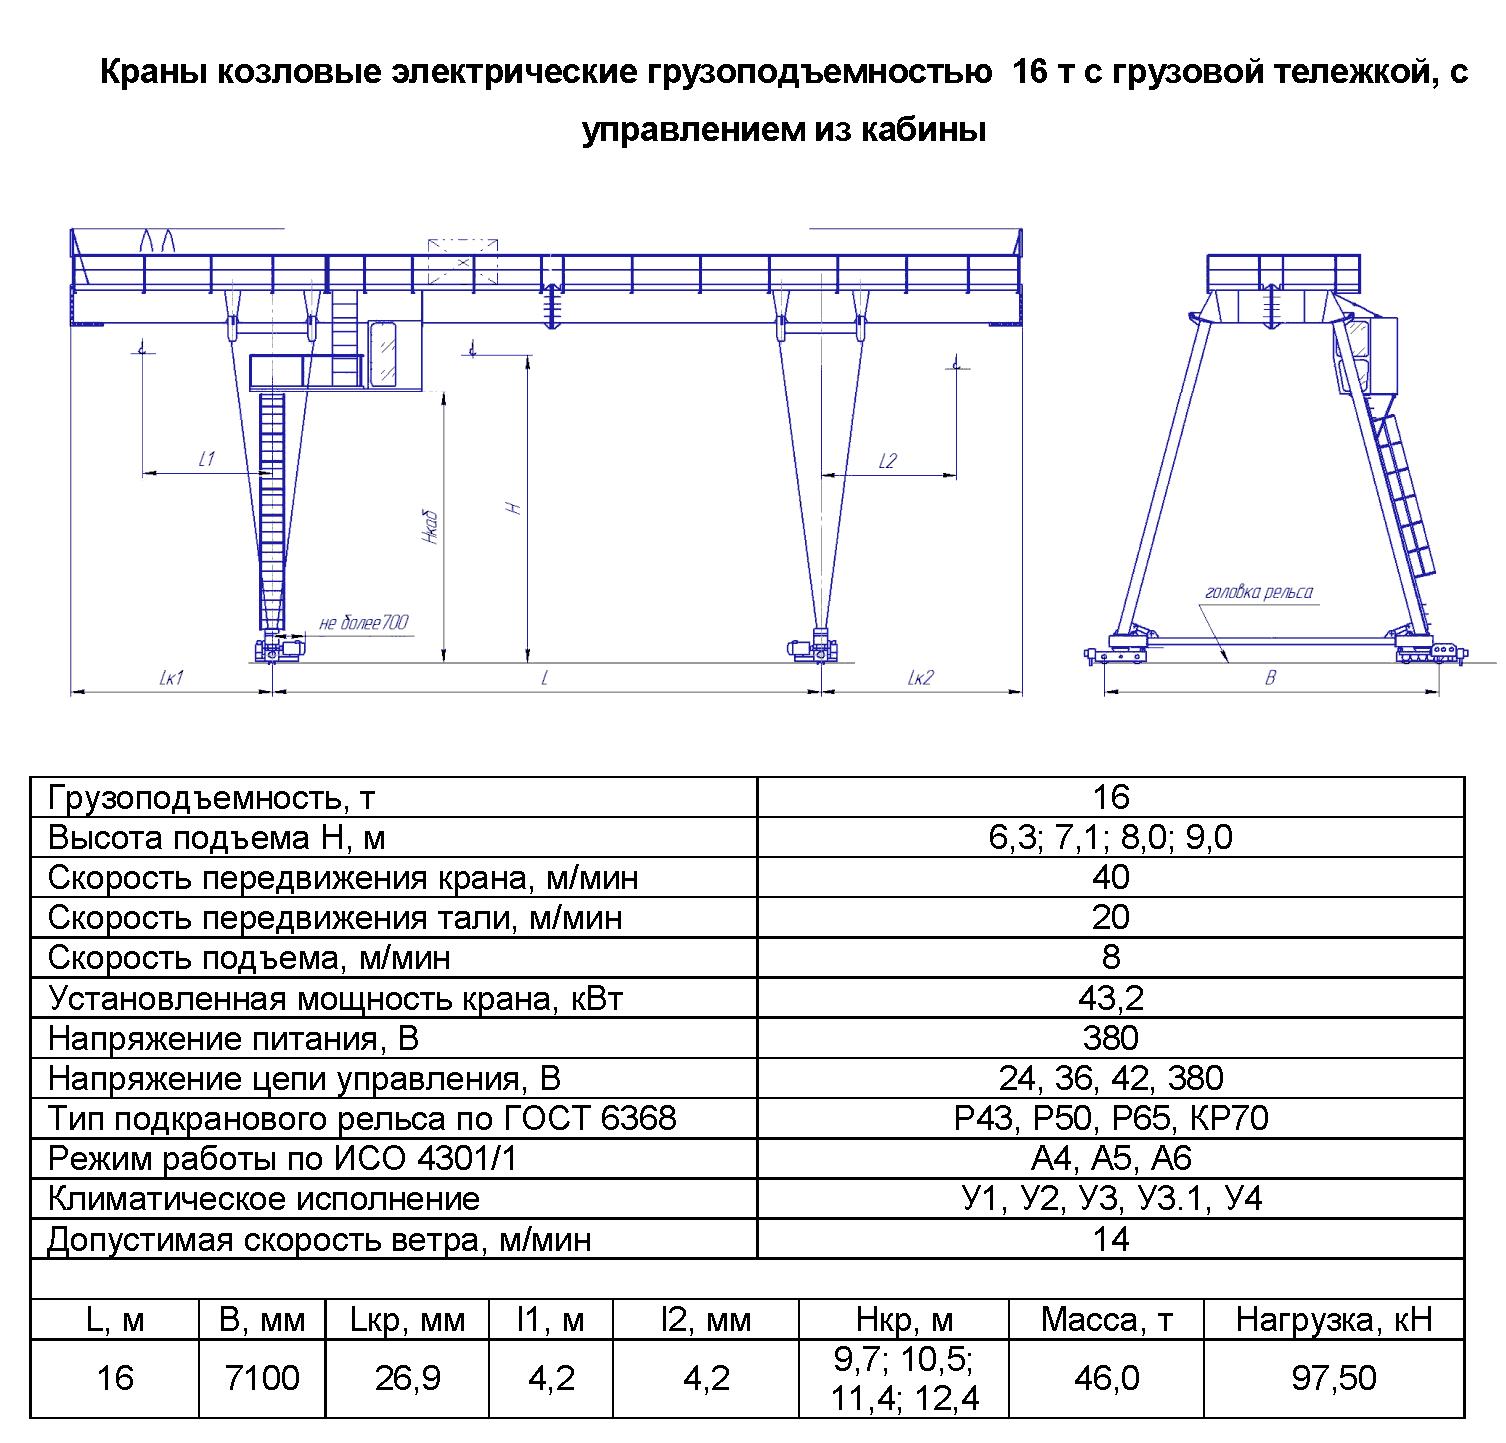 KKD 16 160 - Кран козловой электрический двухбалочный